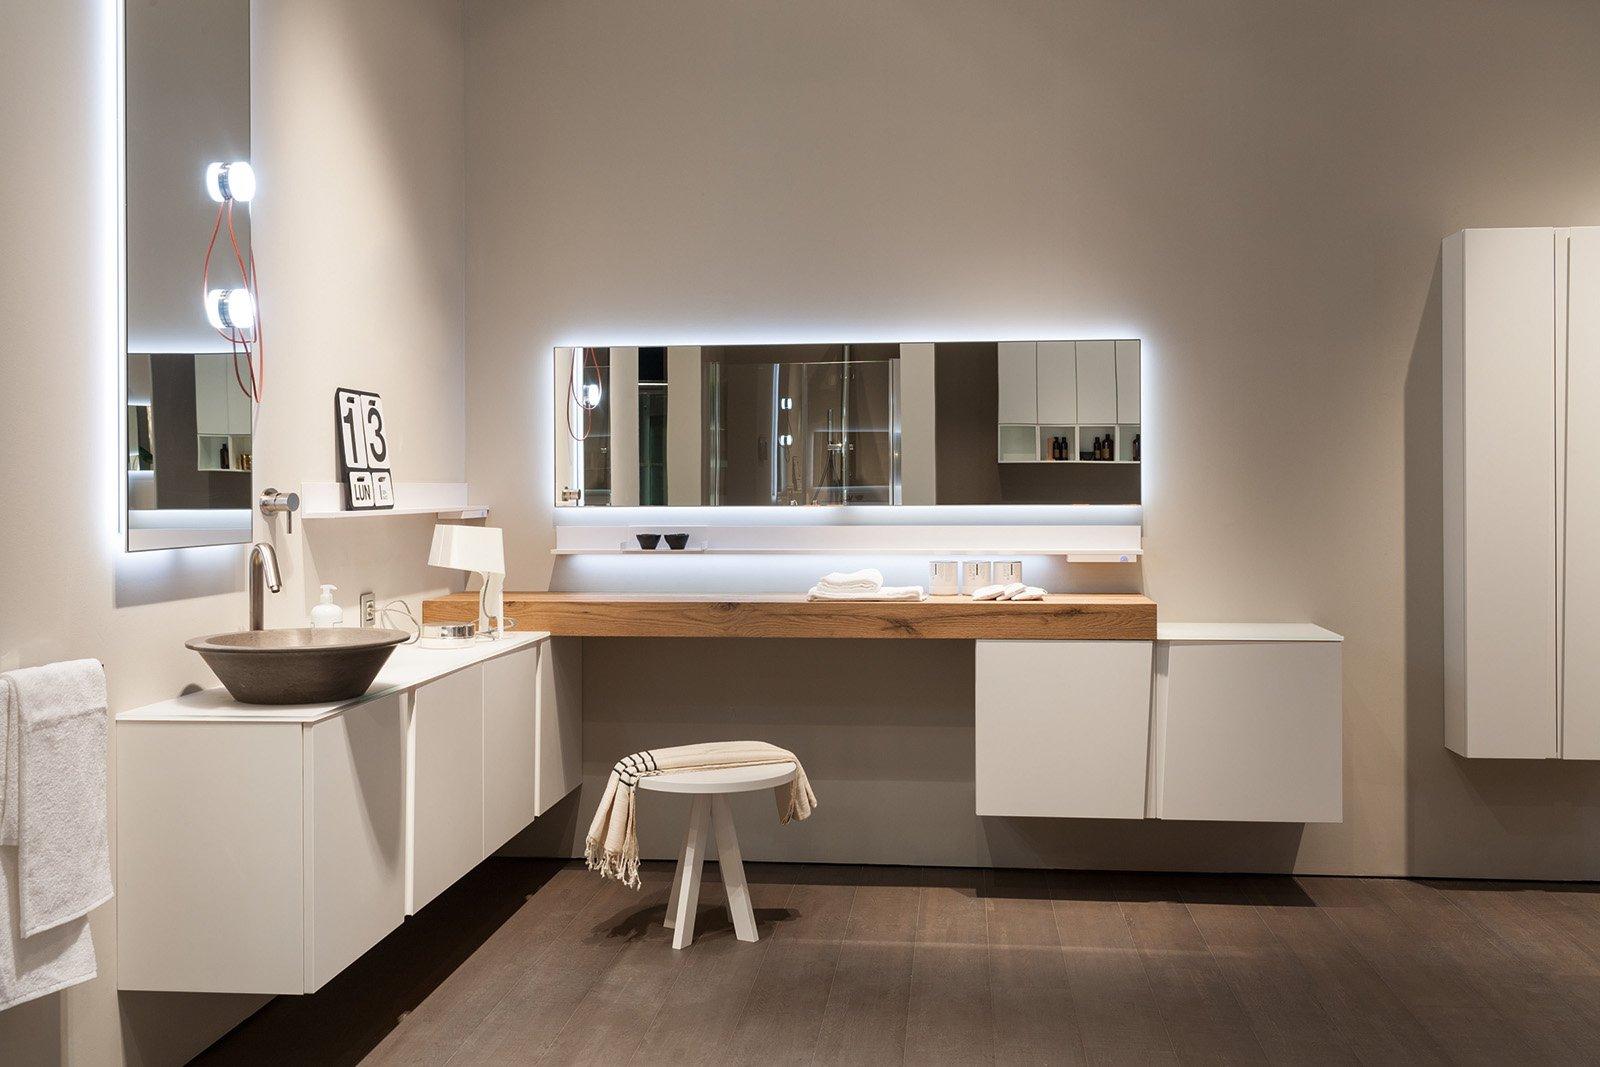 Specchi per il bagno cose di casa - Ikea specchi da parete ...